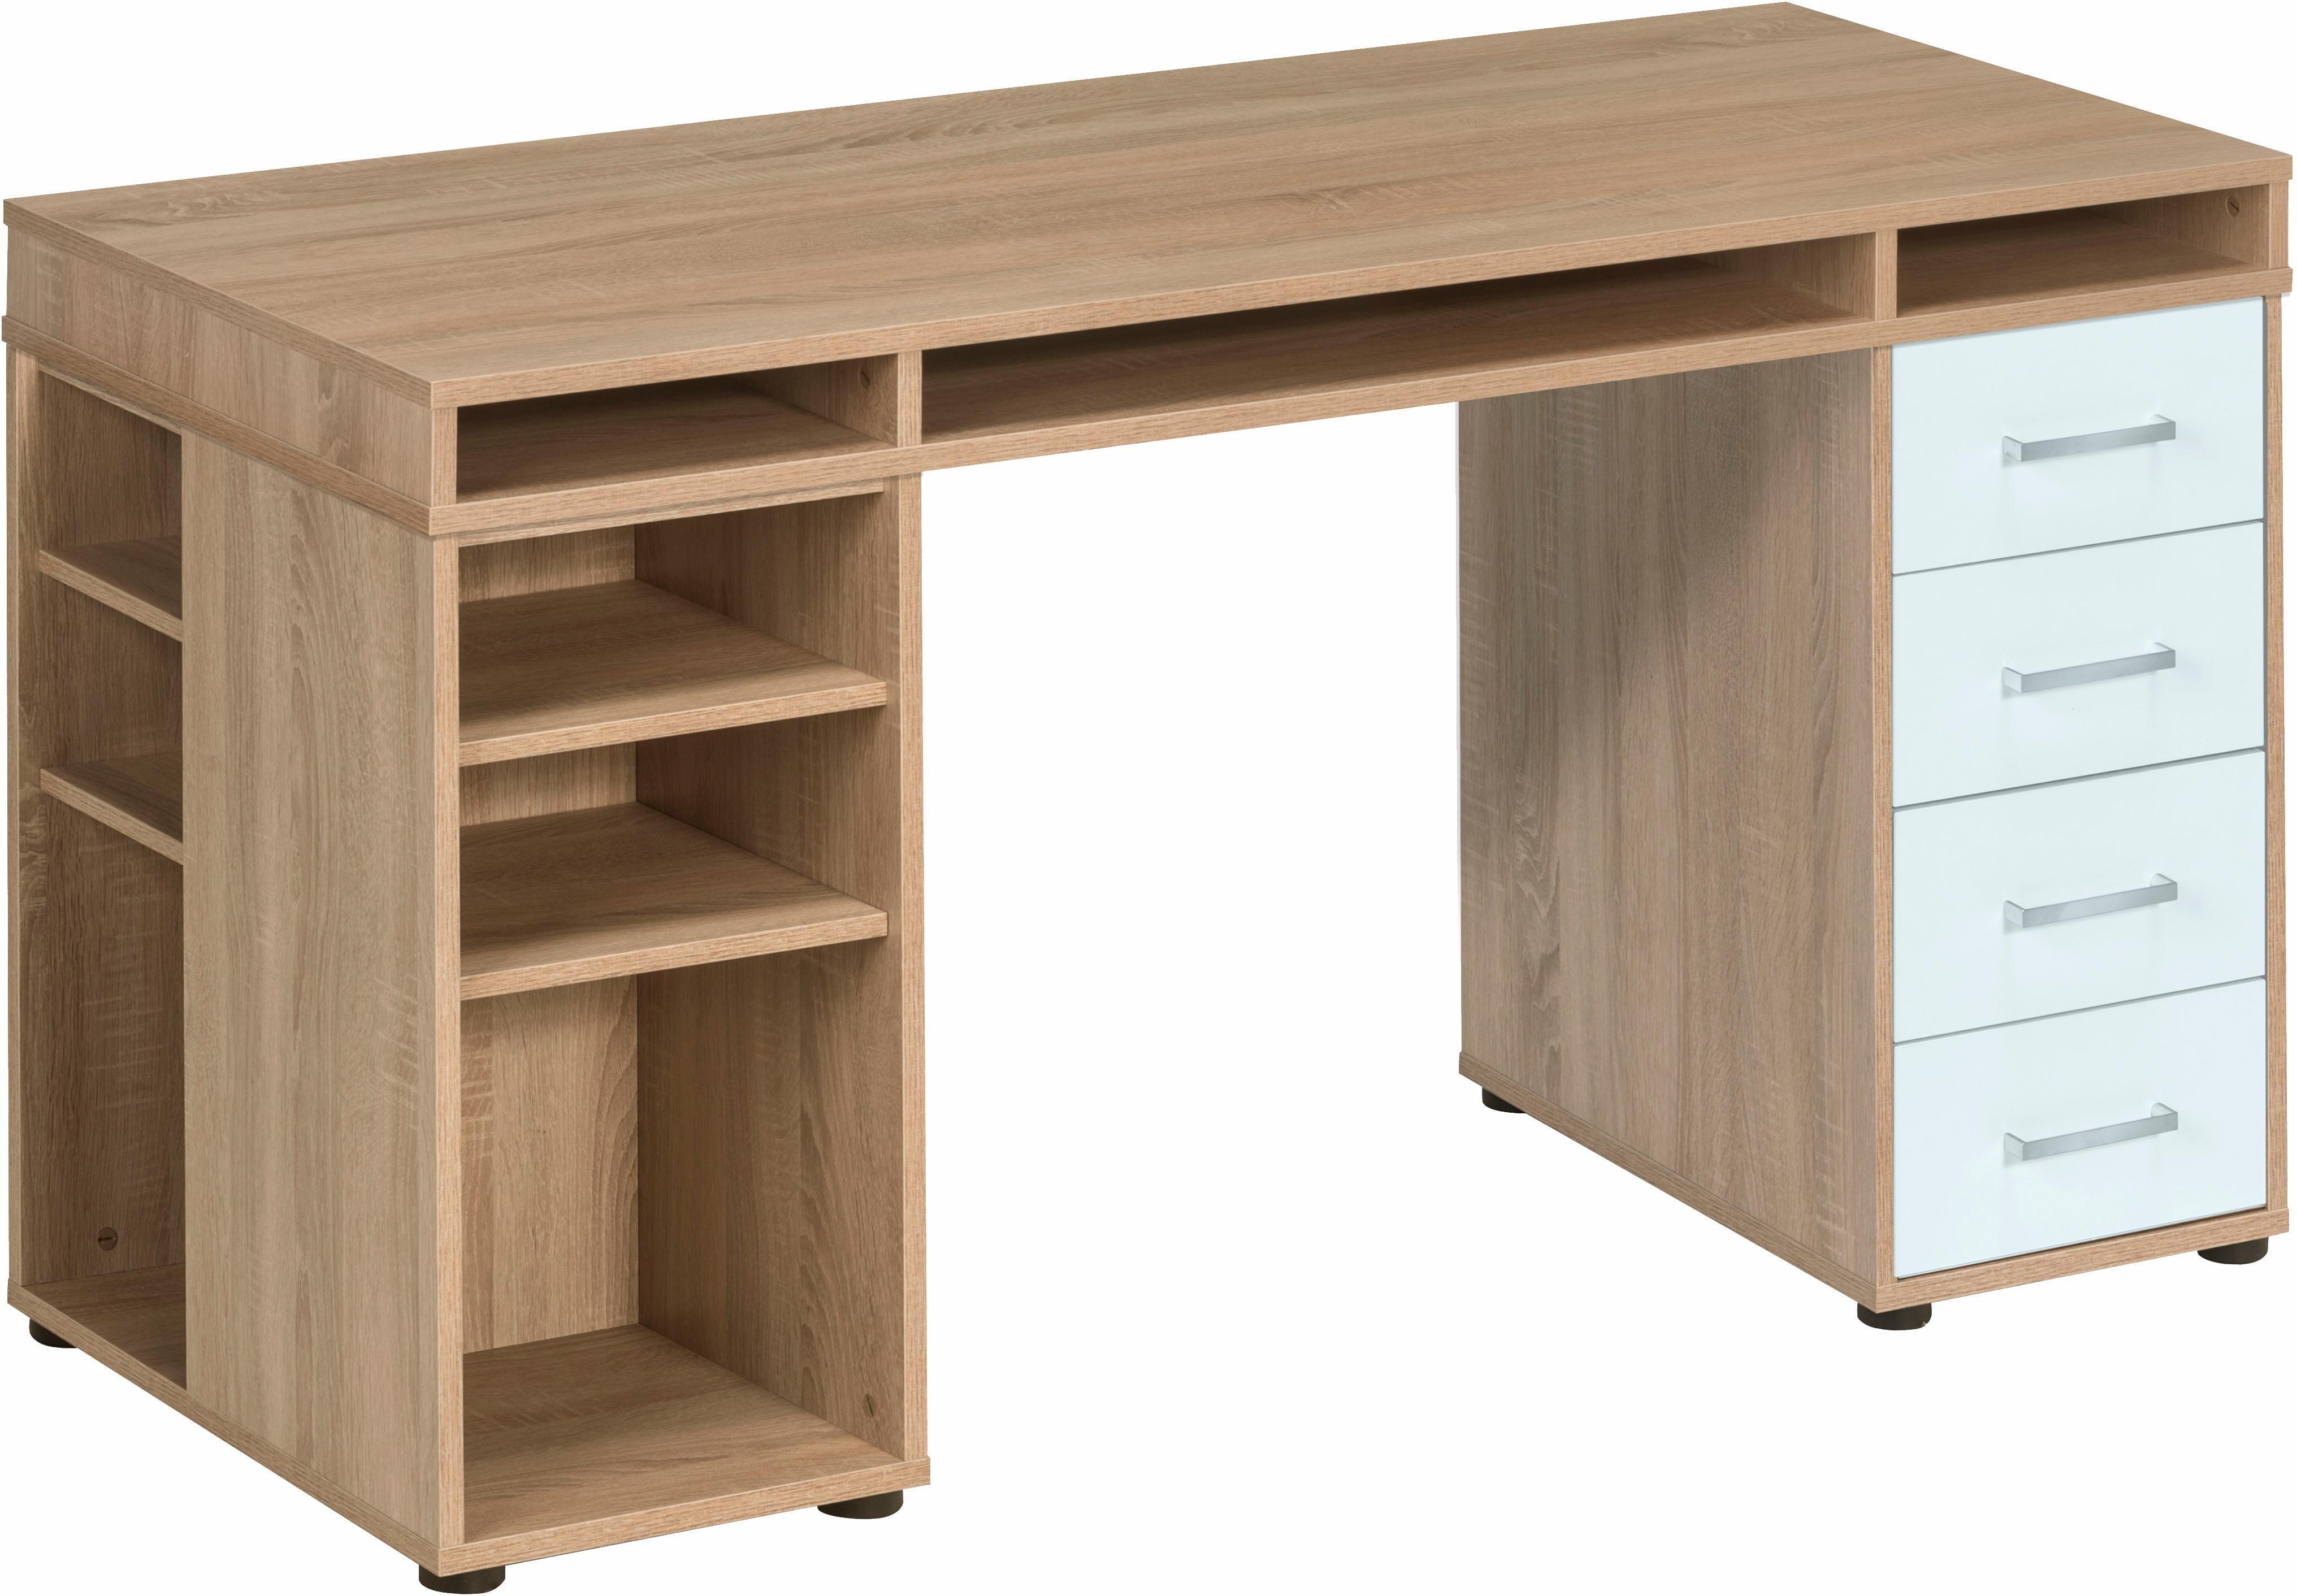 Designermöbel schreibtisch  19% sparen - MAJA MÖBEL Schreibtisch MAGIC 1553 - nur 339,99 ...